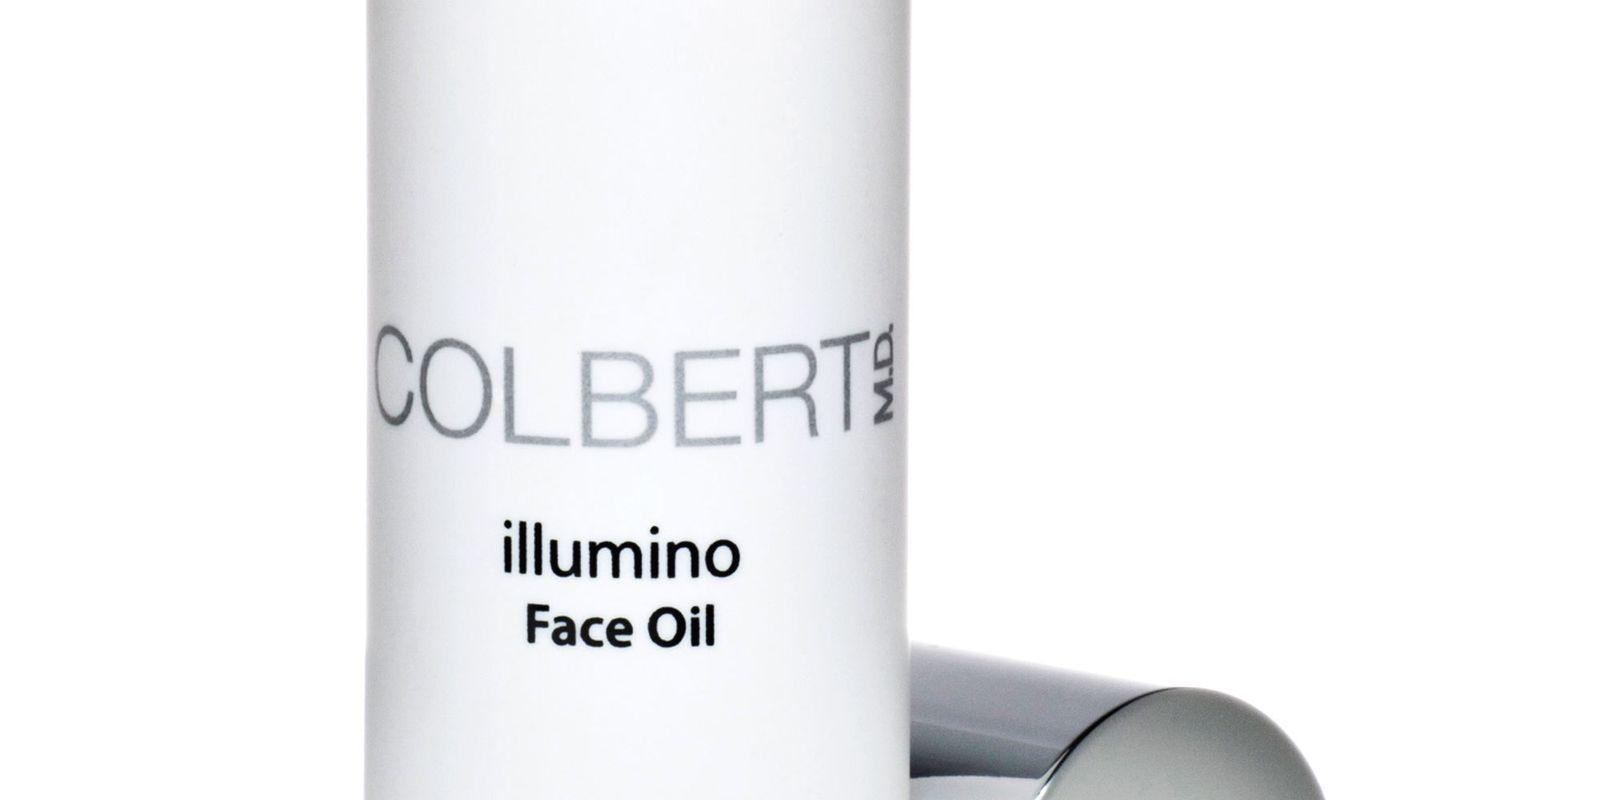 Colbert MD Illumino Face Oil  - HarpersBAZAAR.com